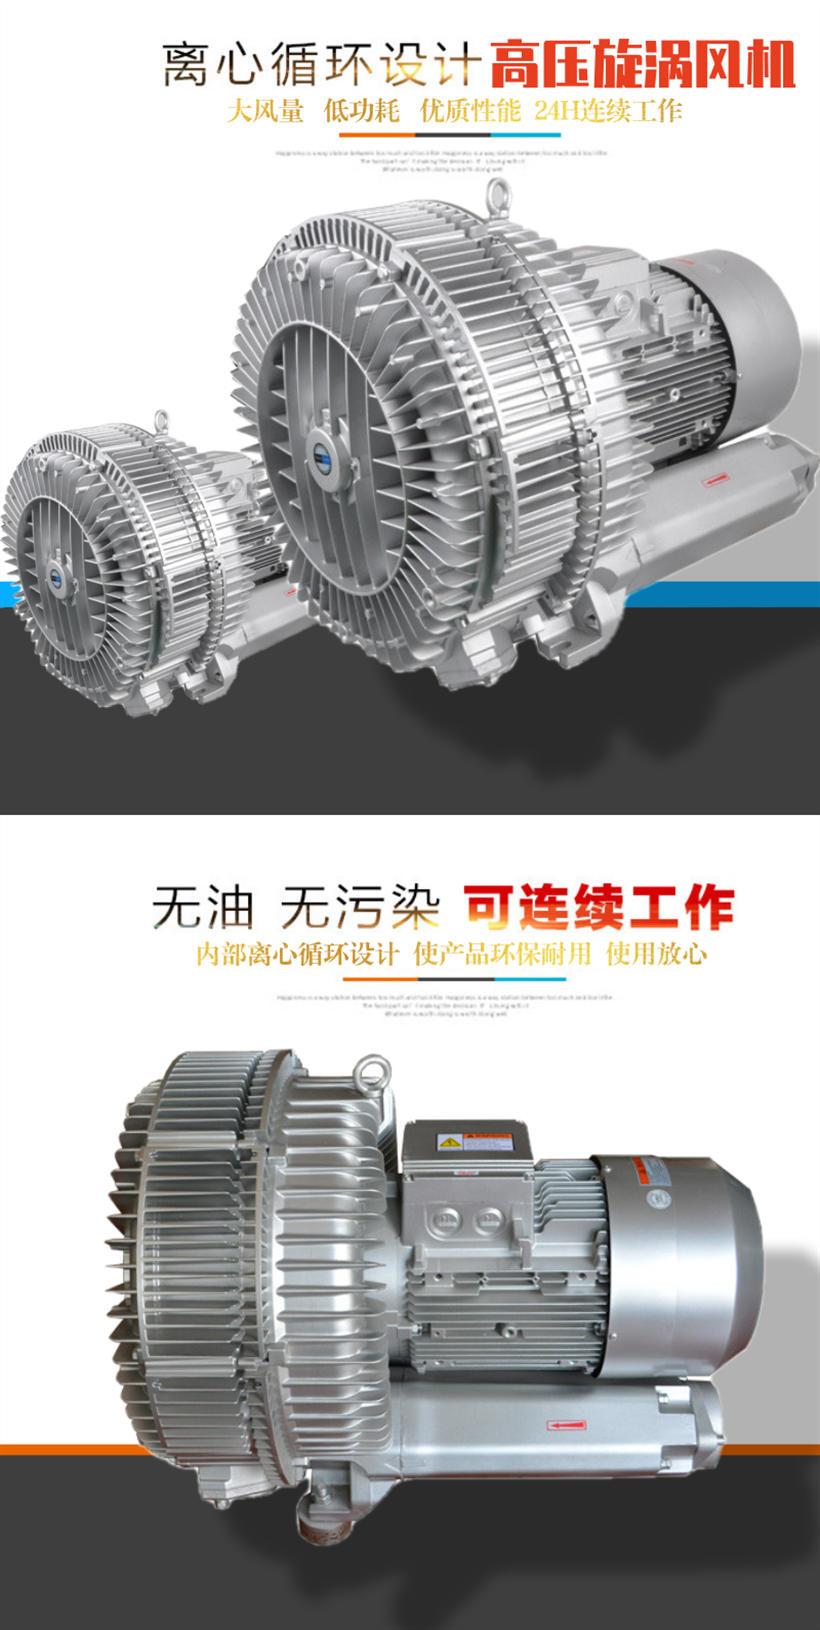 管道式高压风机 木工机械高压风机 3.7kw高压风机示例图2